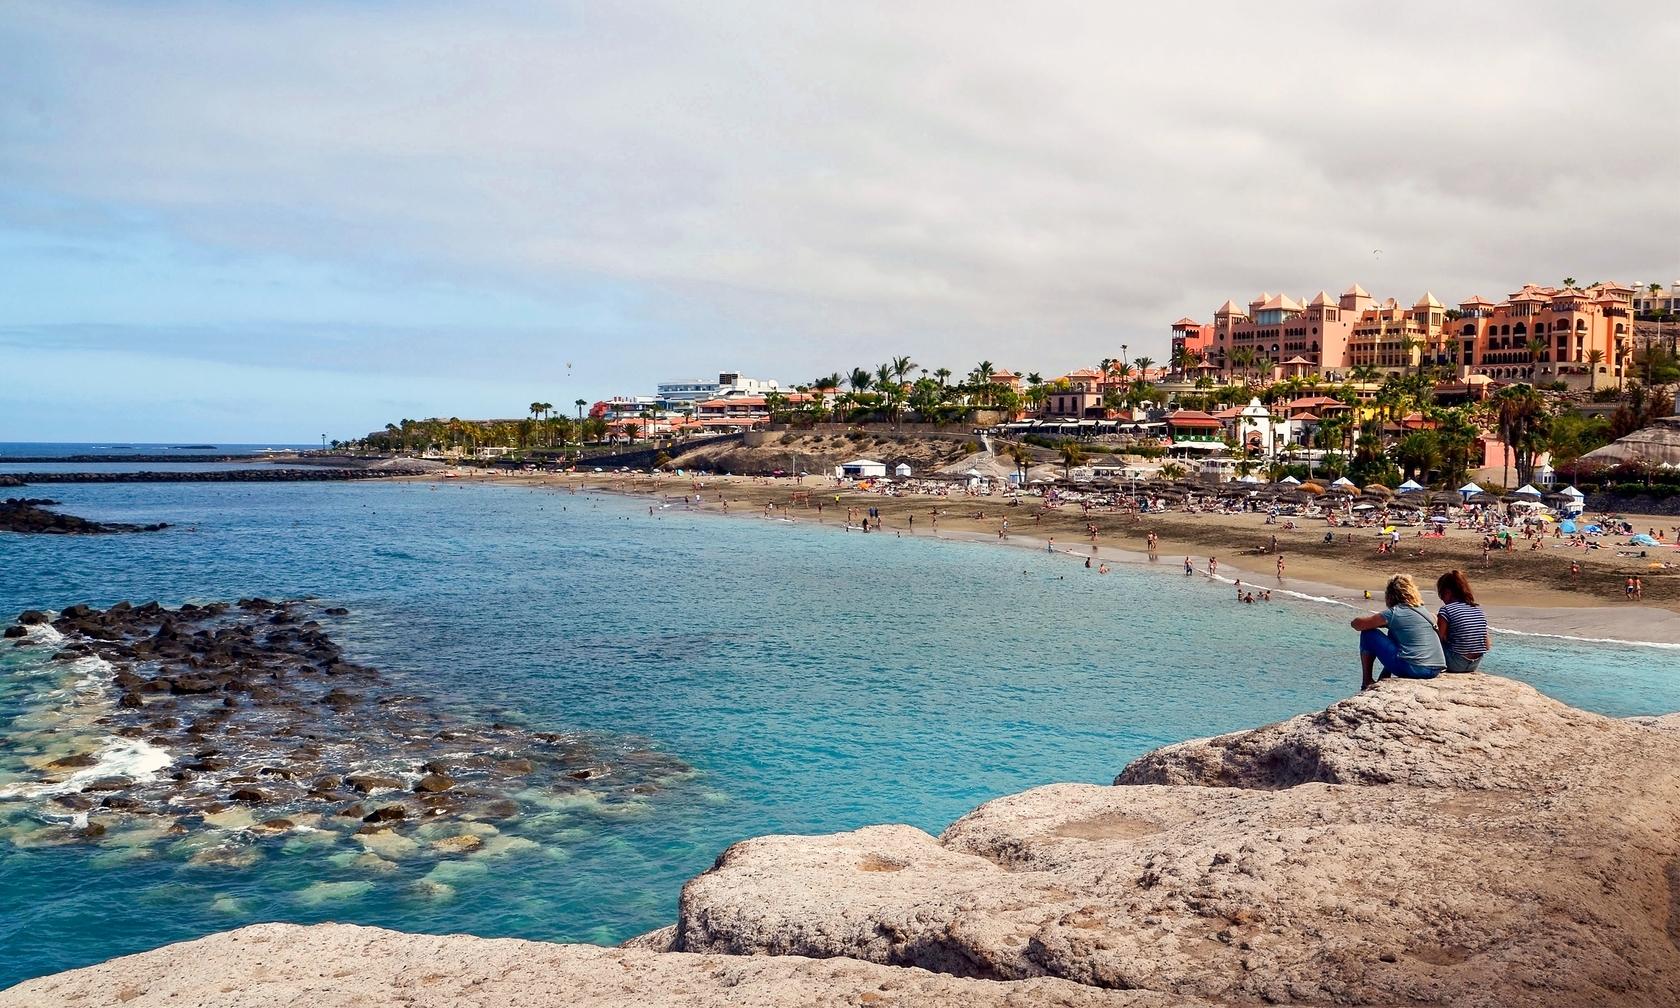 Vacation rentals in Costa Adeje